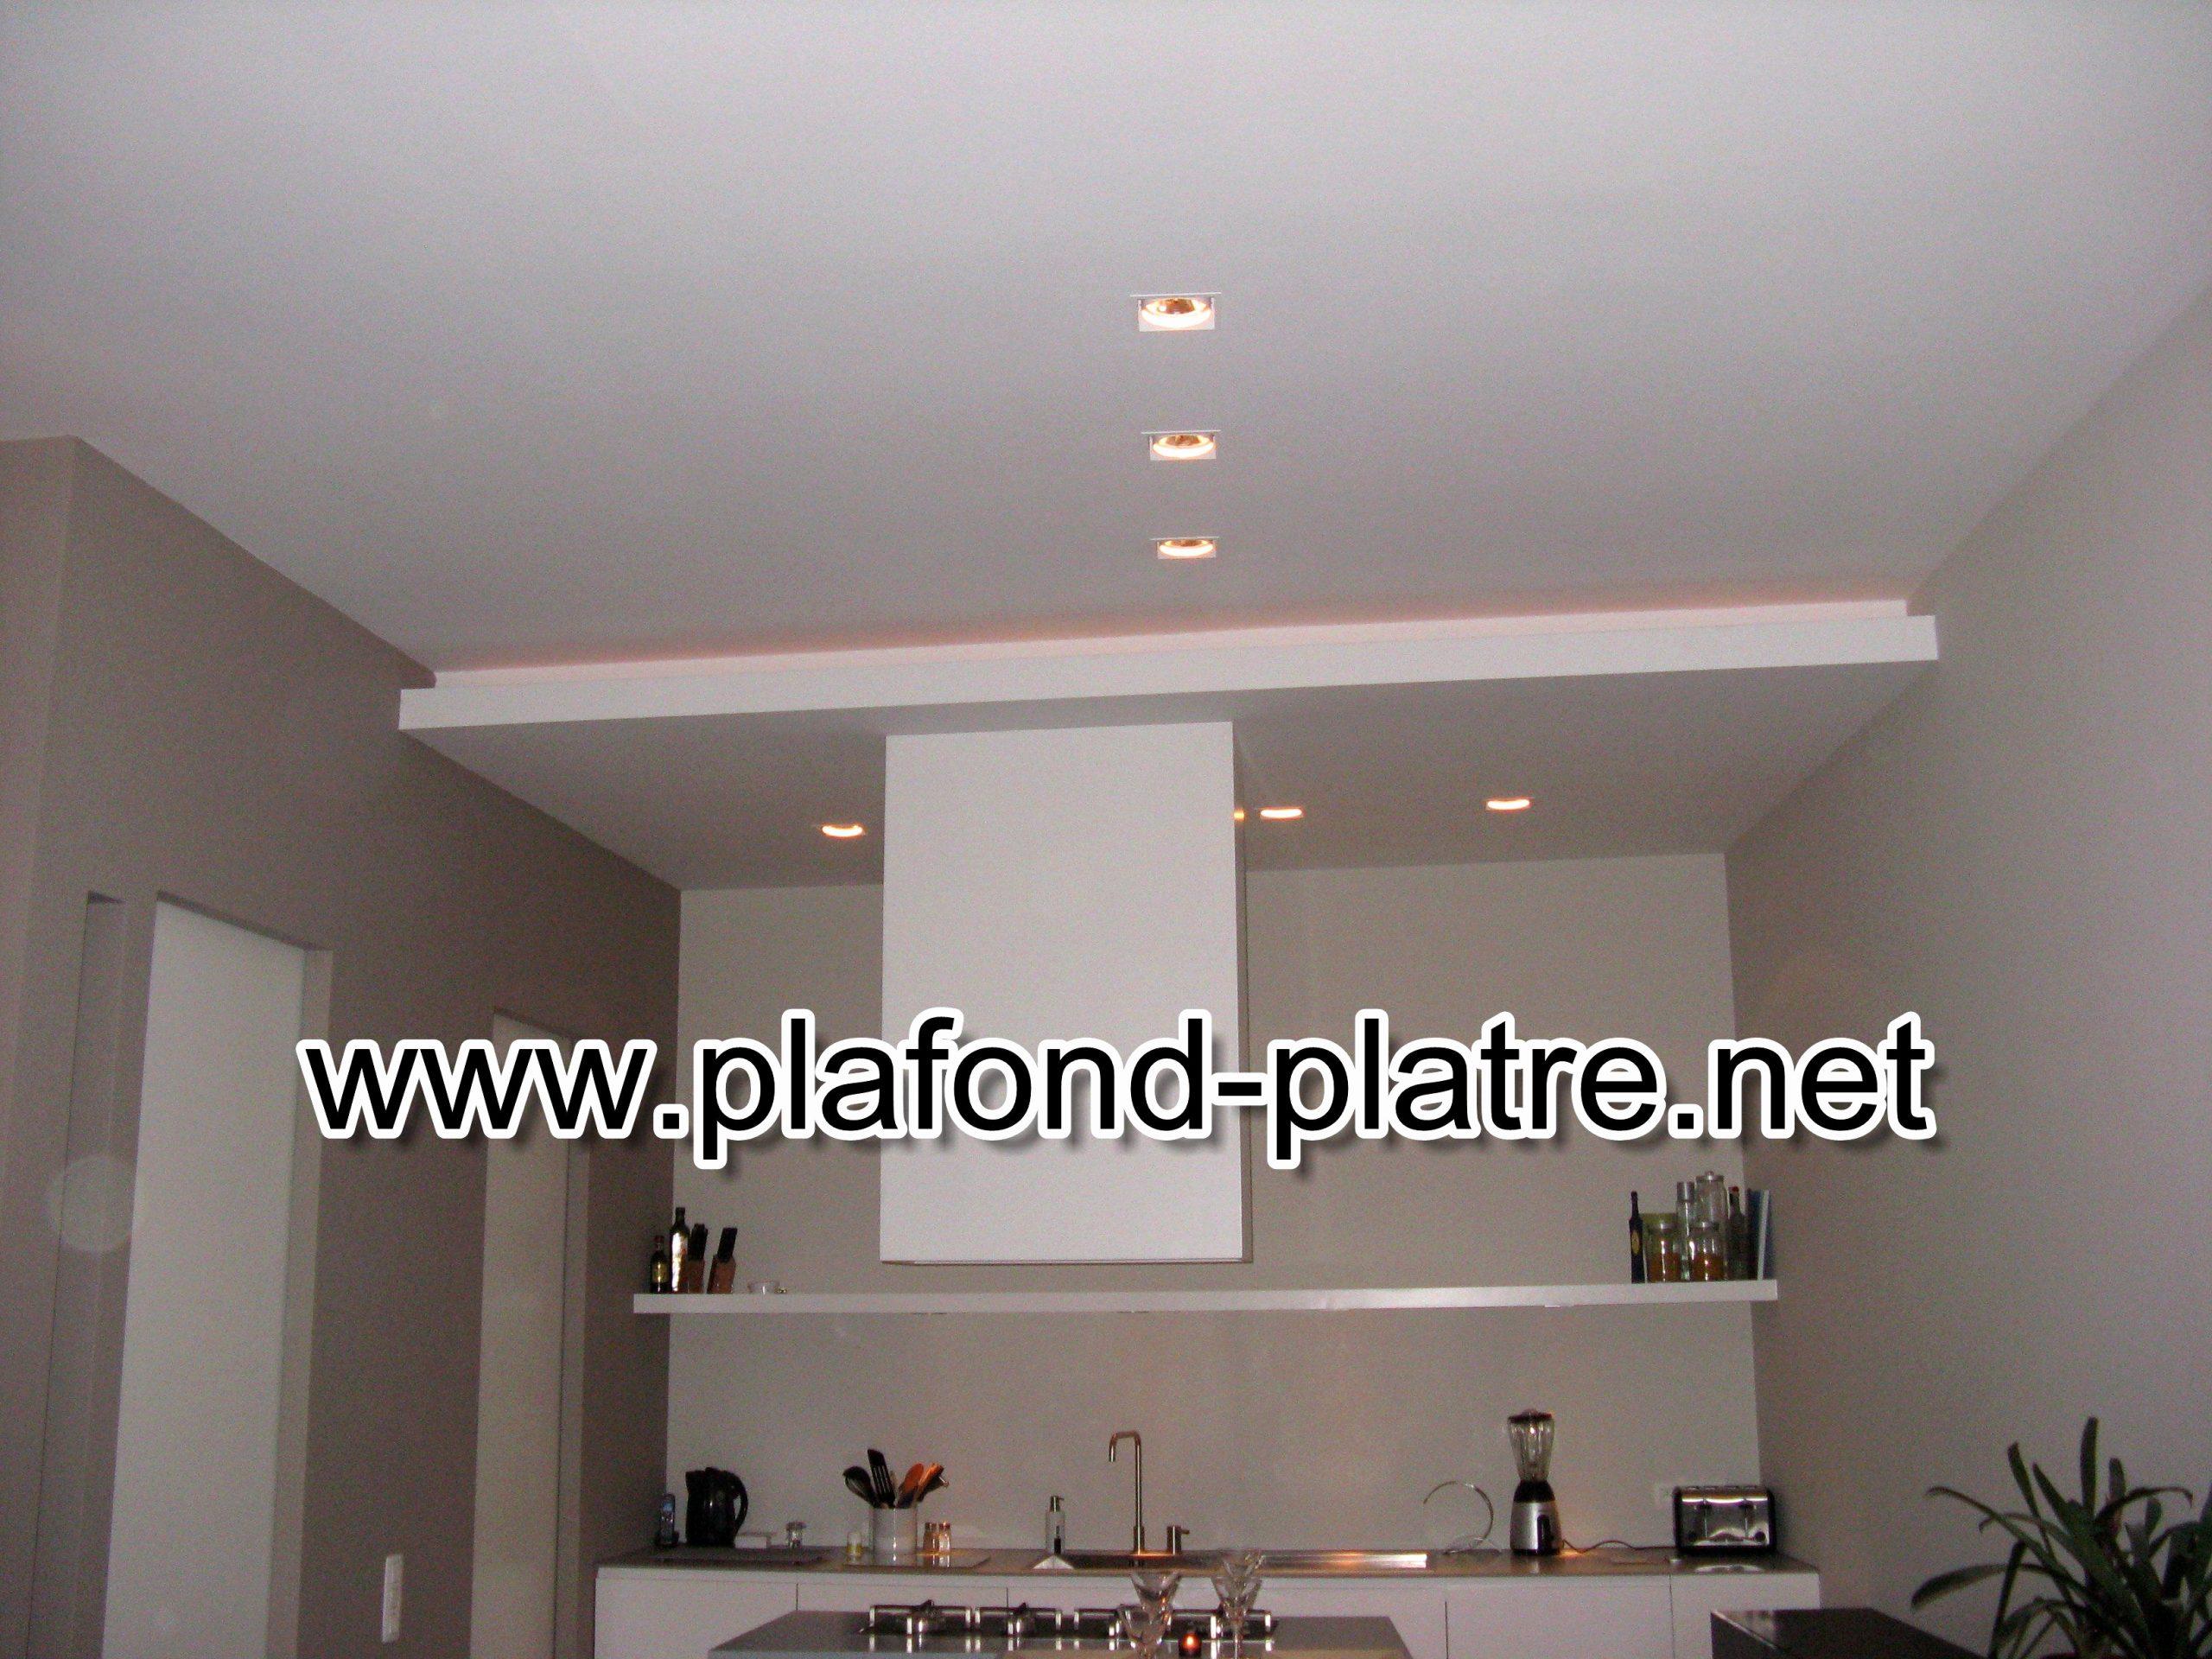 Dalle Plafond 60X60 Nouveau Dalle Plafond Brico Depot ... serapportantà Dalle Plafond Suspendu 60X60 Brico Depot